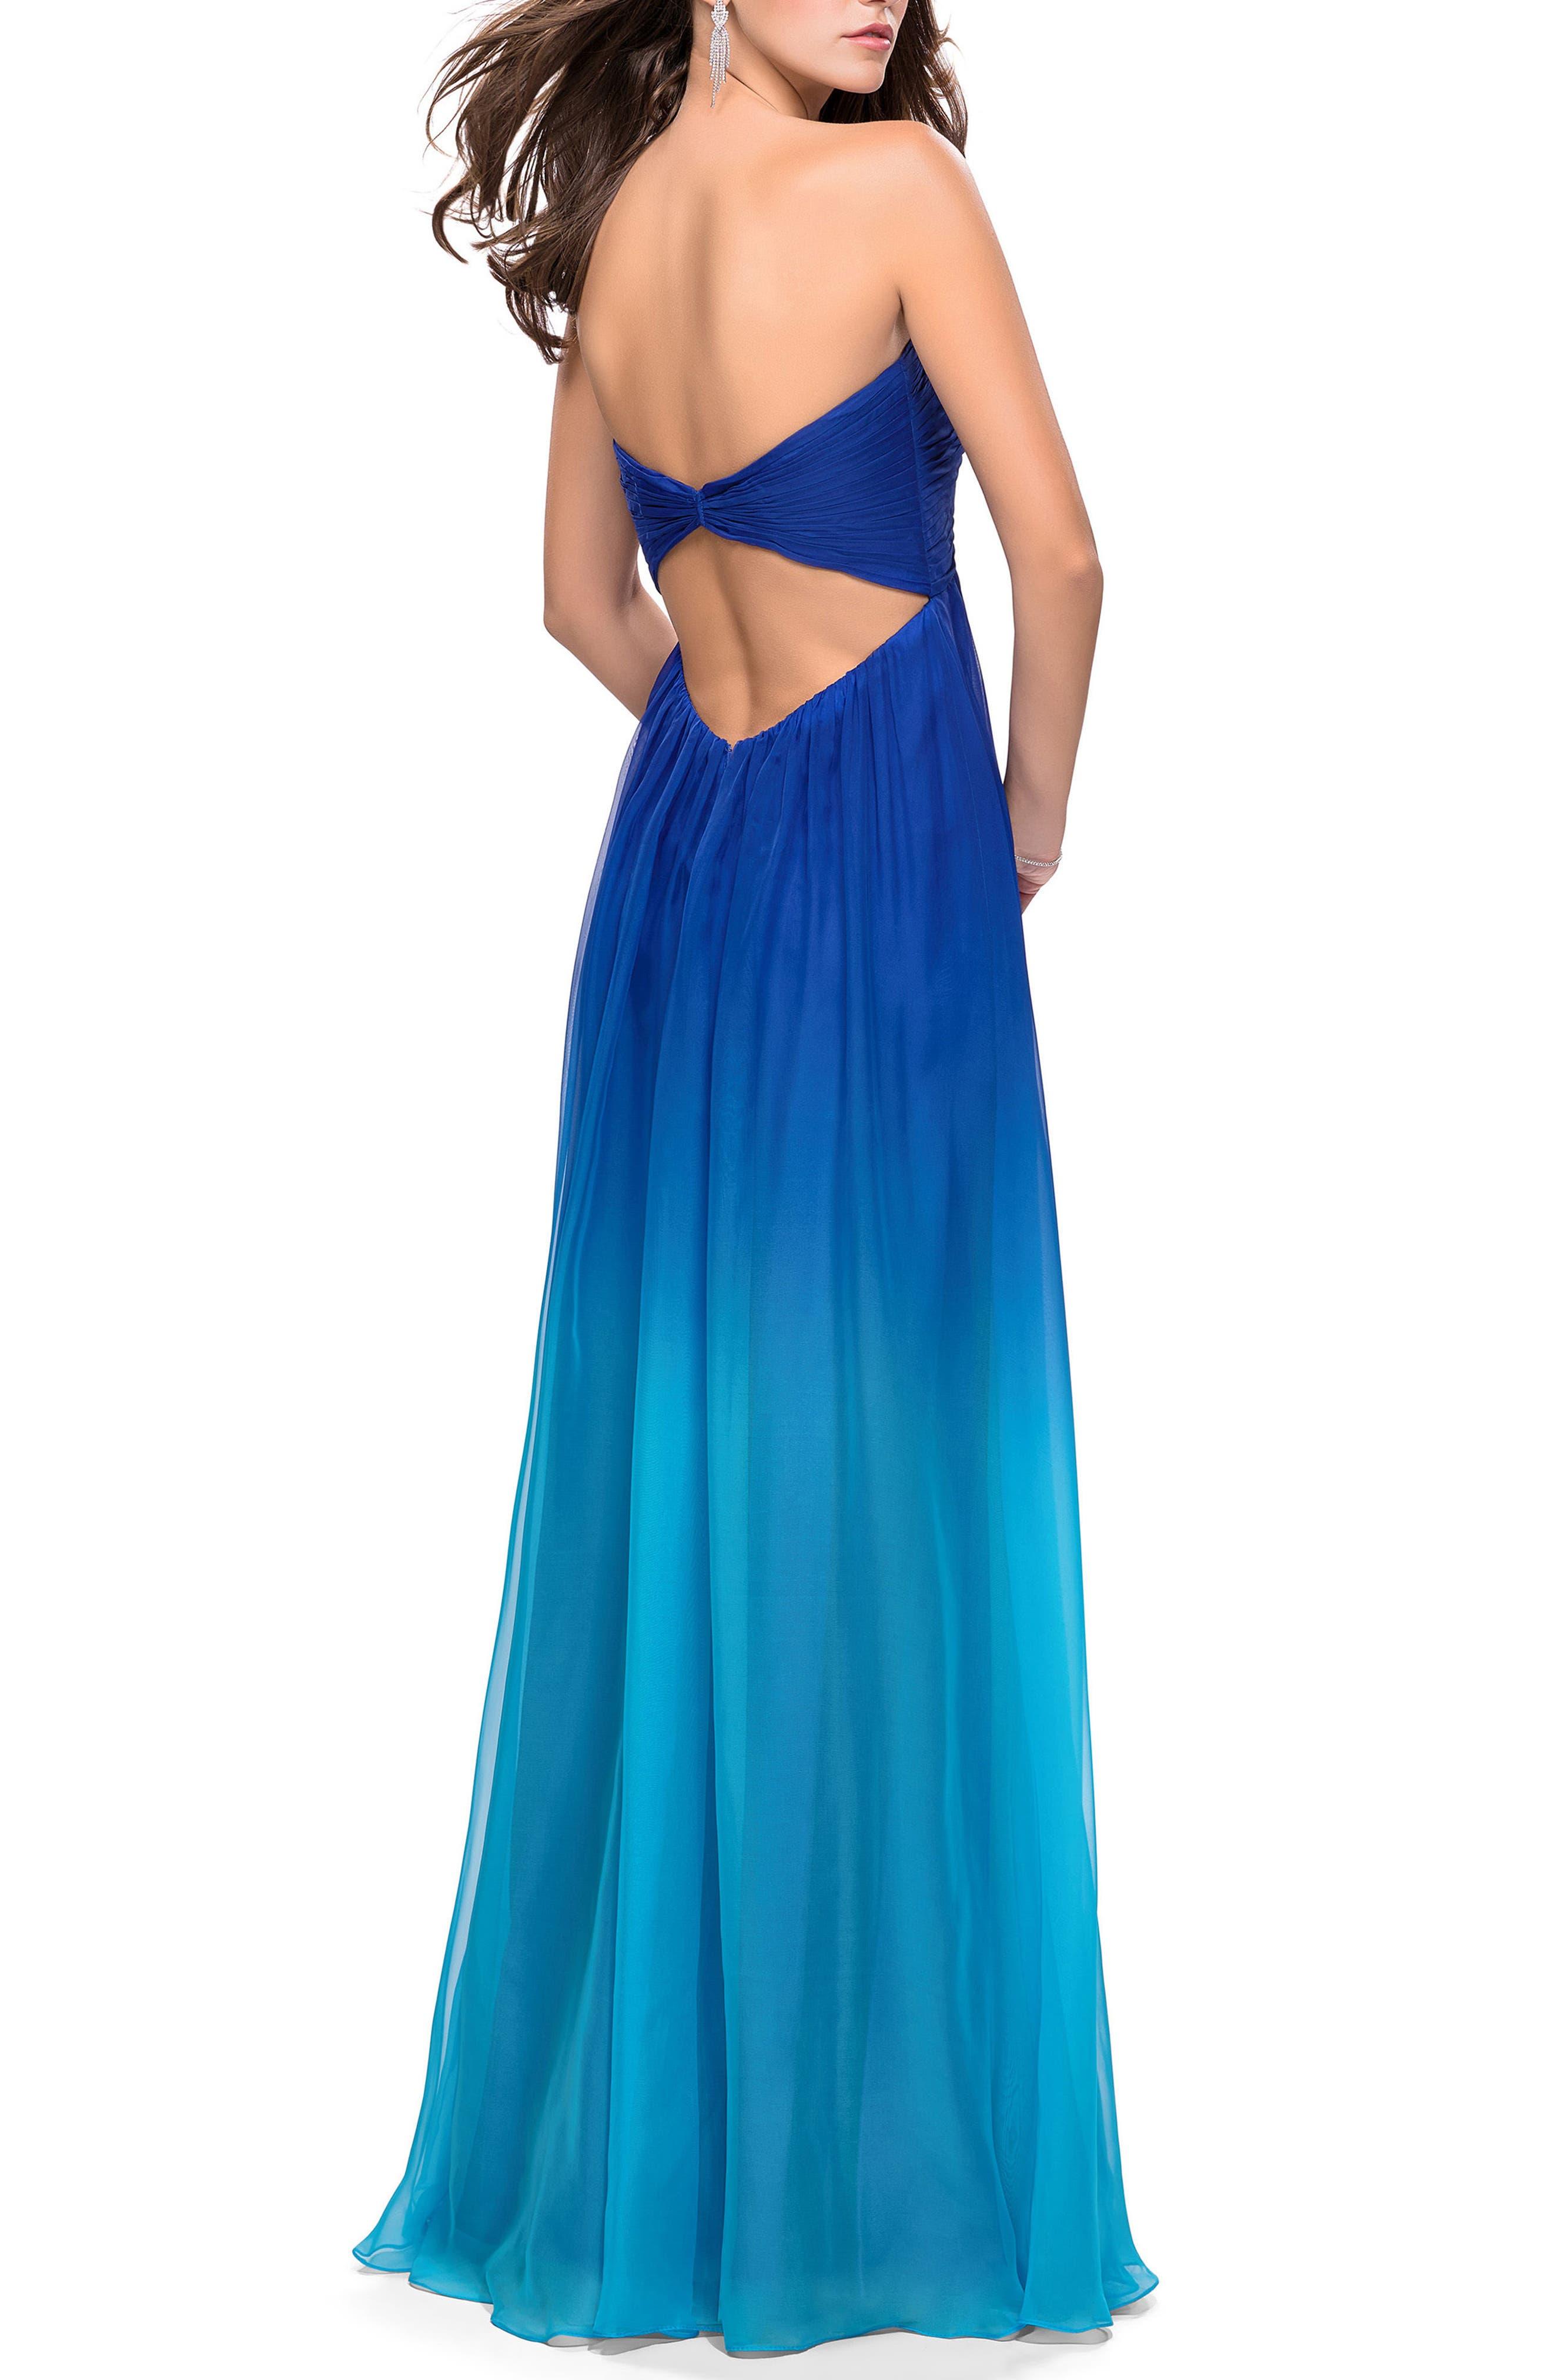 LA FEMME,                             Ruched Ombré Chiffon Strapless Gown,                             Alternate thumbnail 2, color,                             440